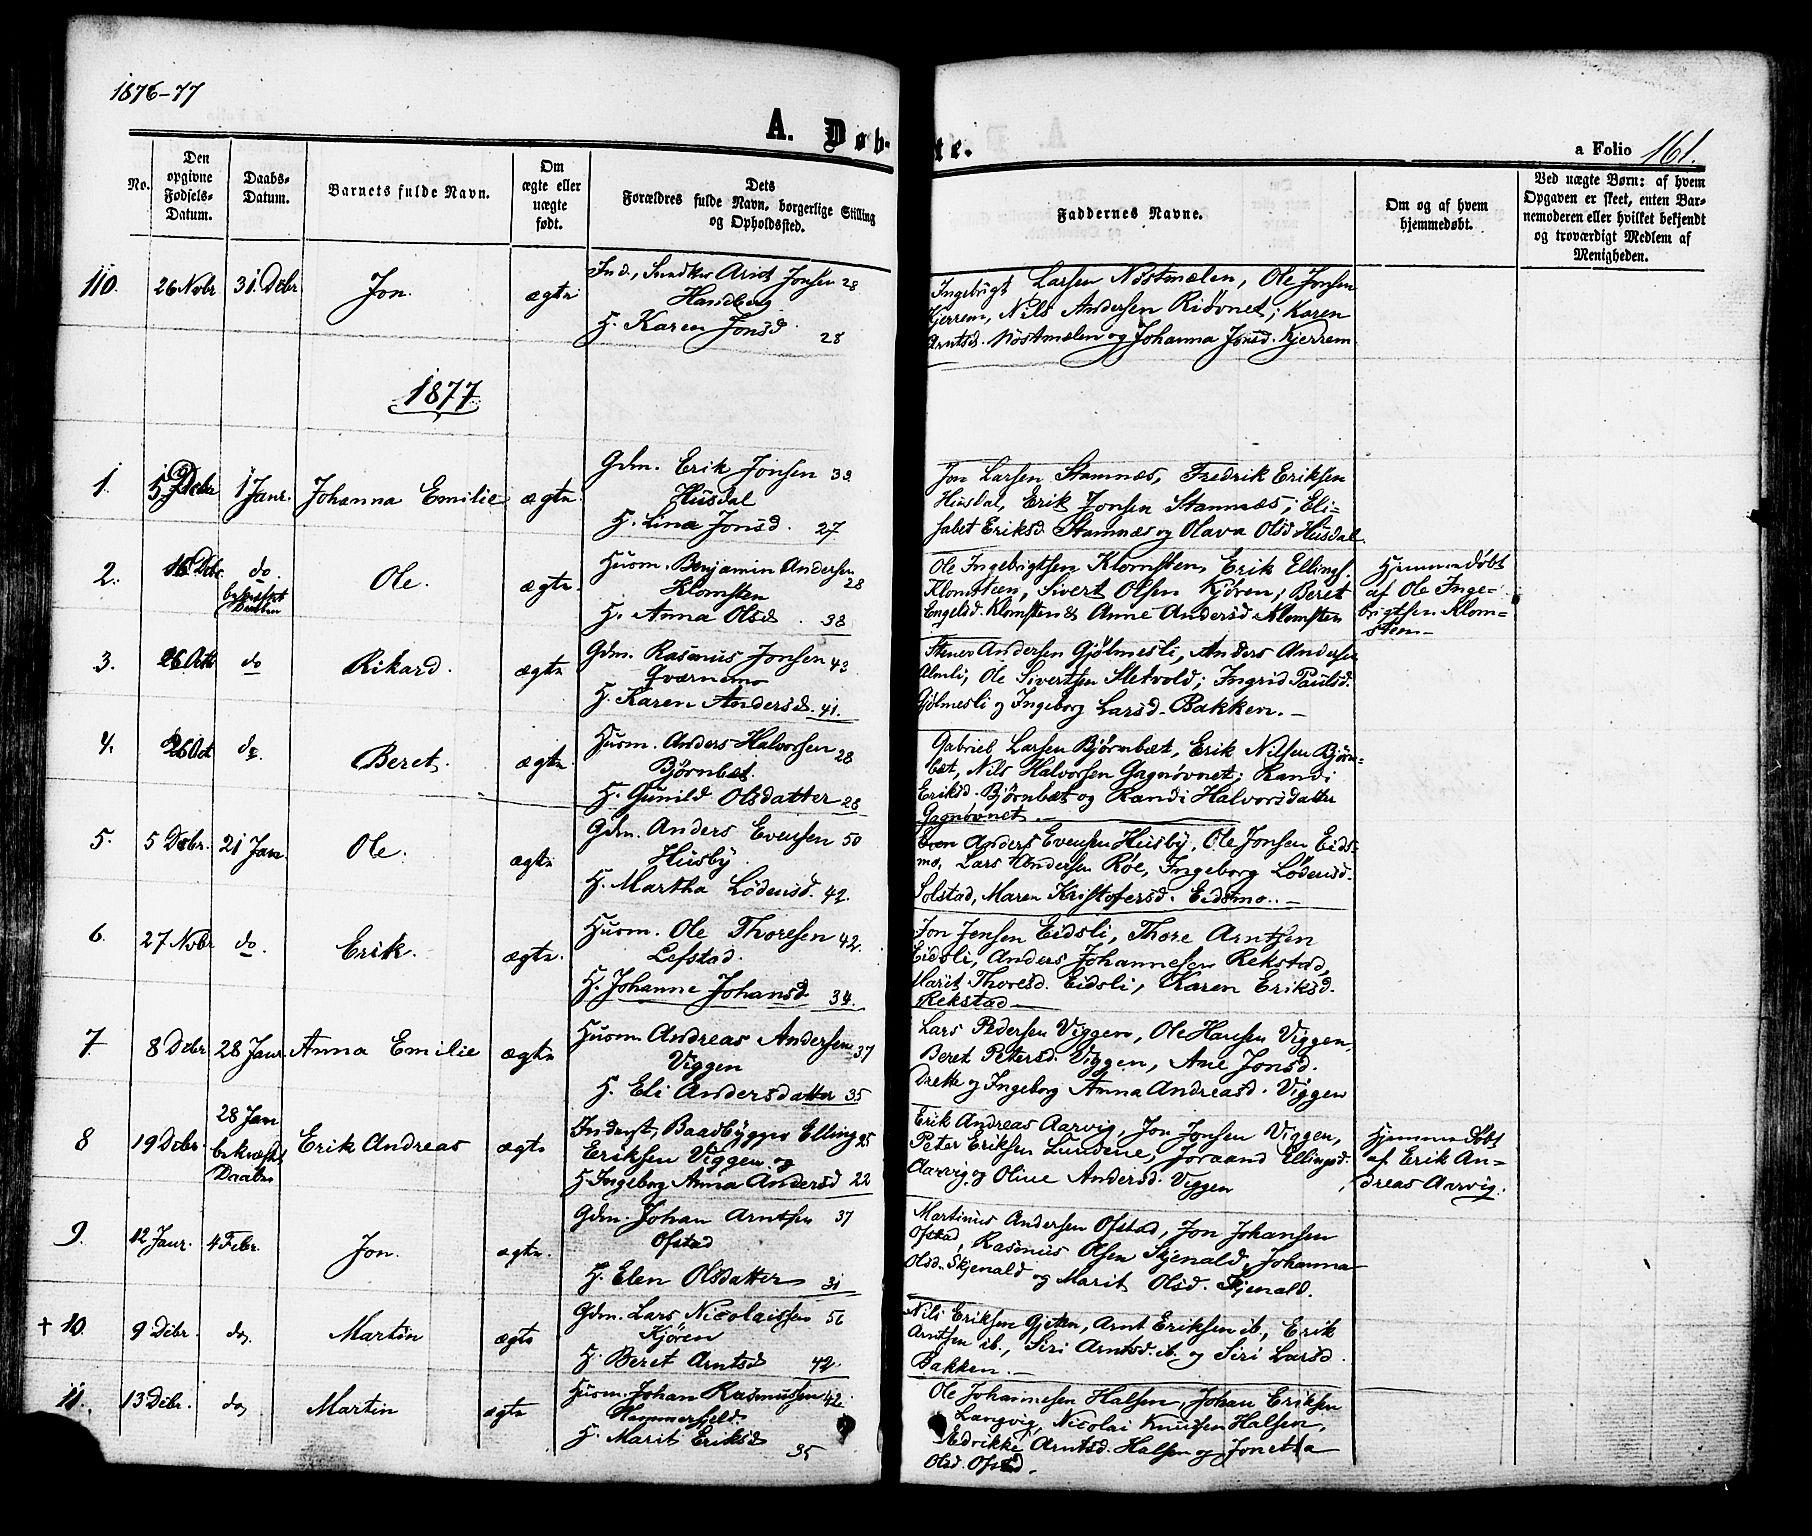 SAT, Ministerialprotokoller, klokkerbøker og fødselsregistre - Sør-Trøndelag, 665/L0772: Ministerialbok nr. 665A07, 1856-1878, s. 161